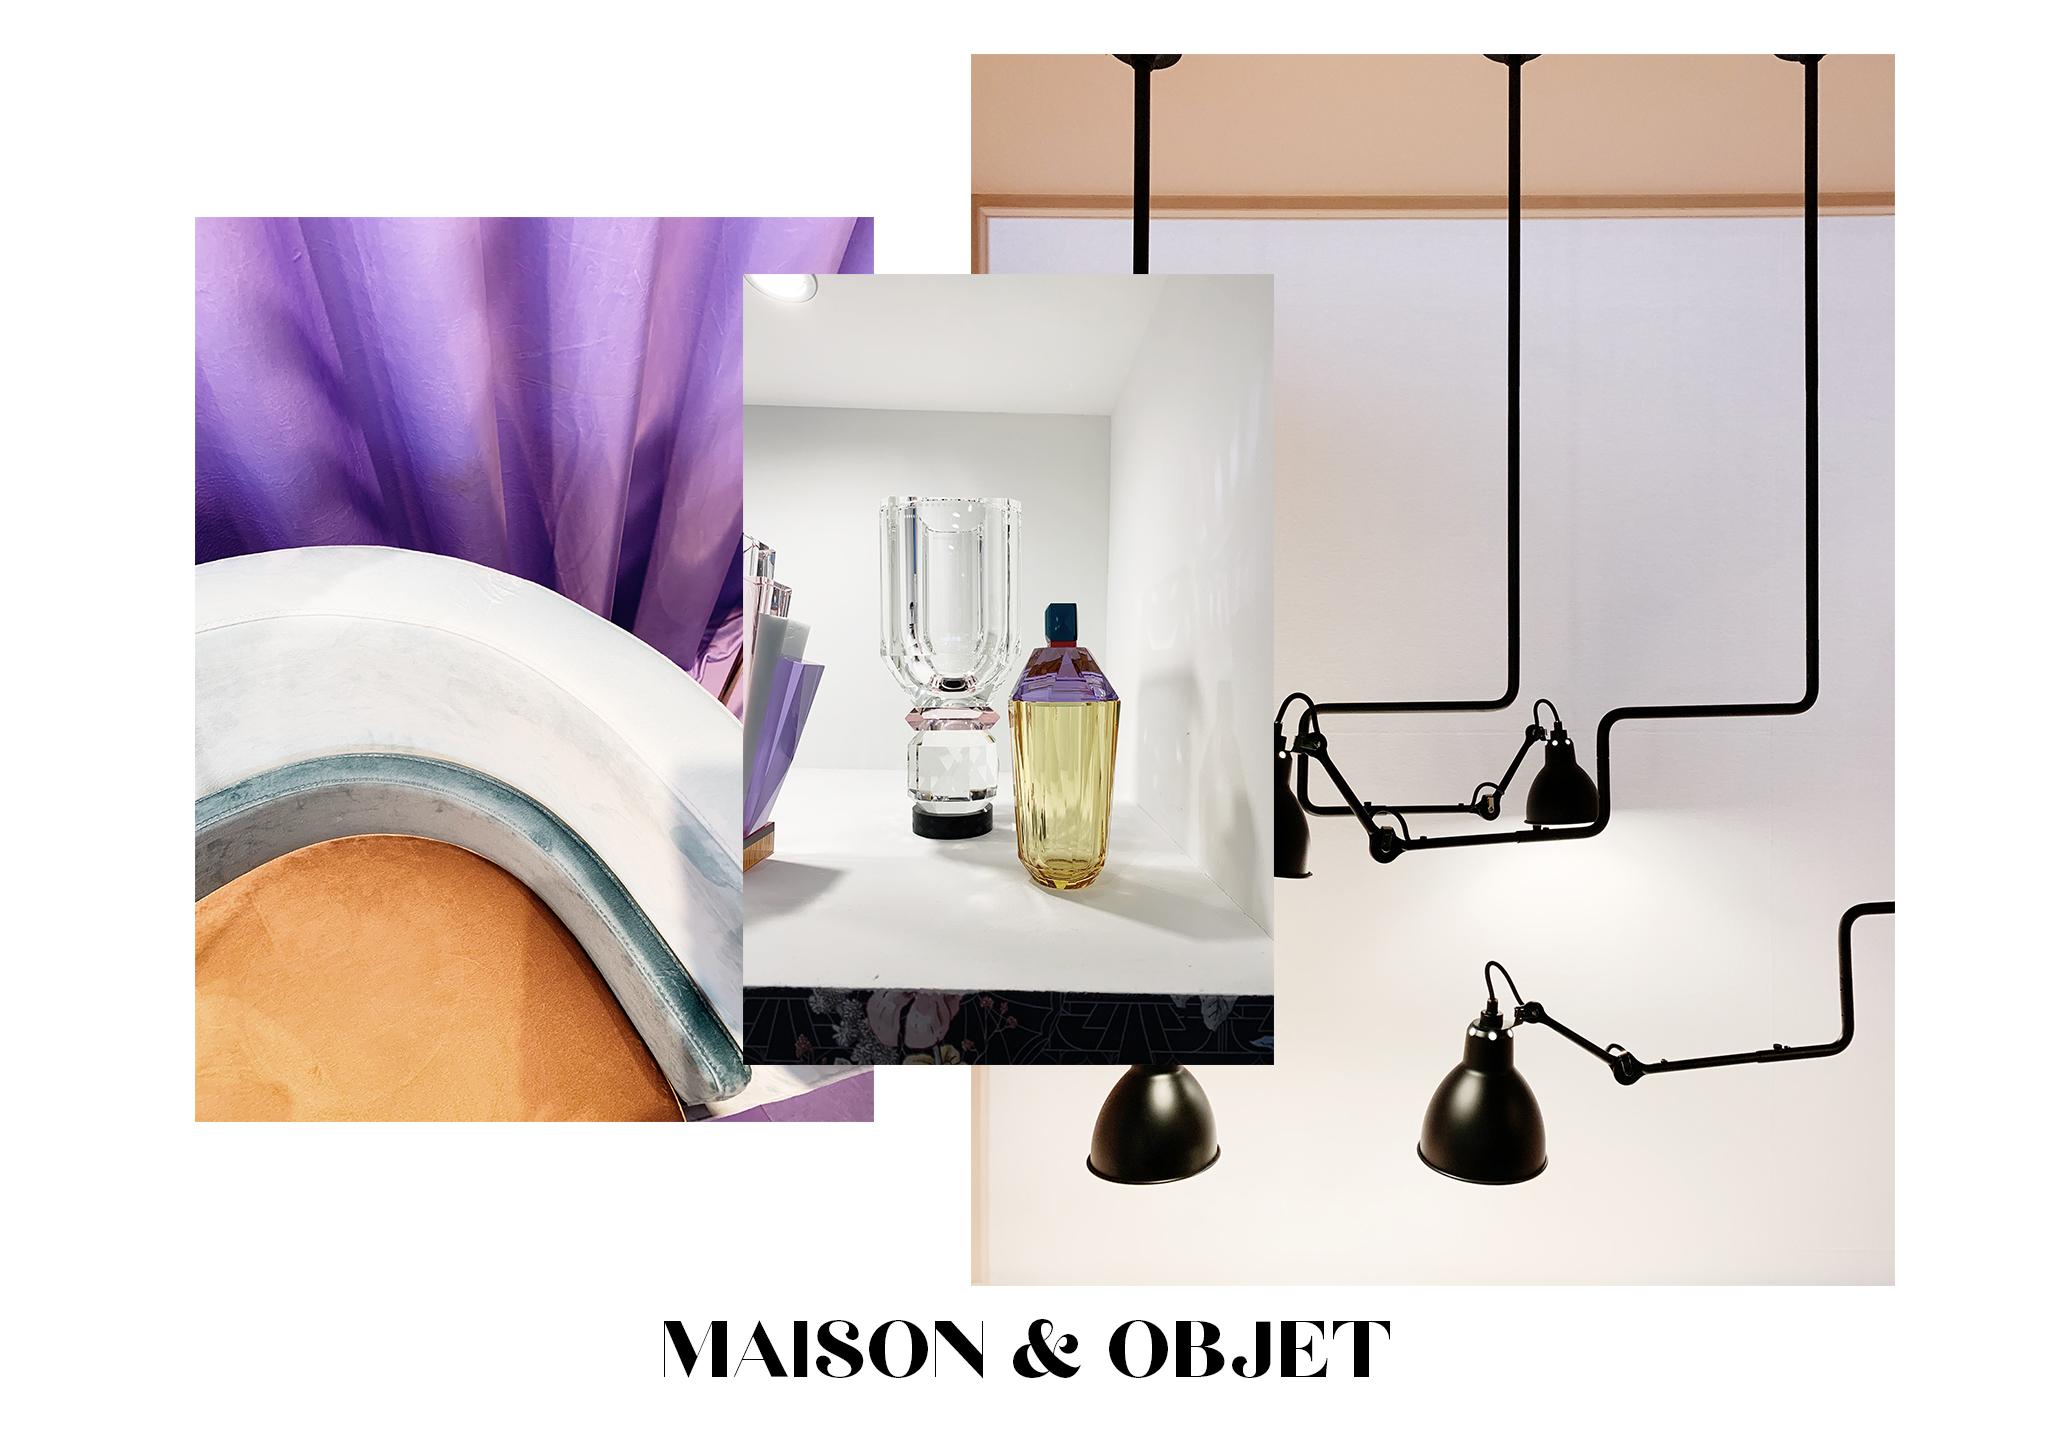 Entdeckungen von der Maison&Objet